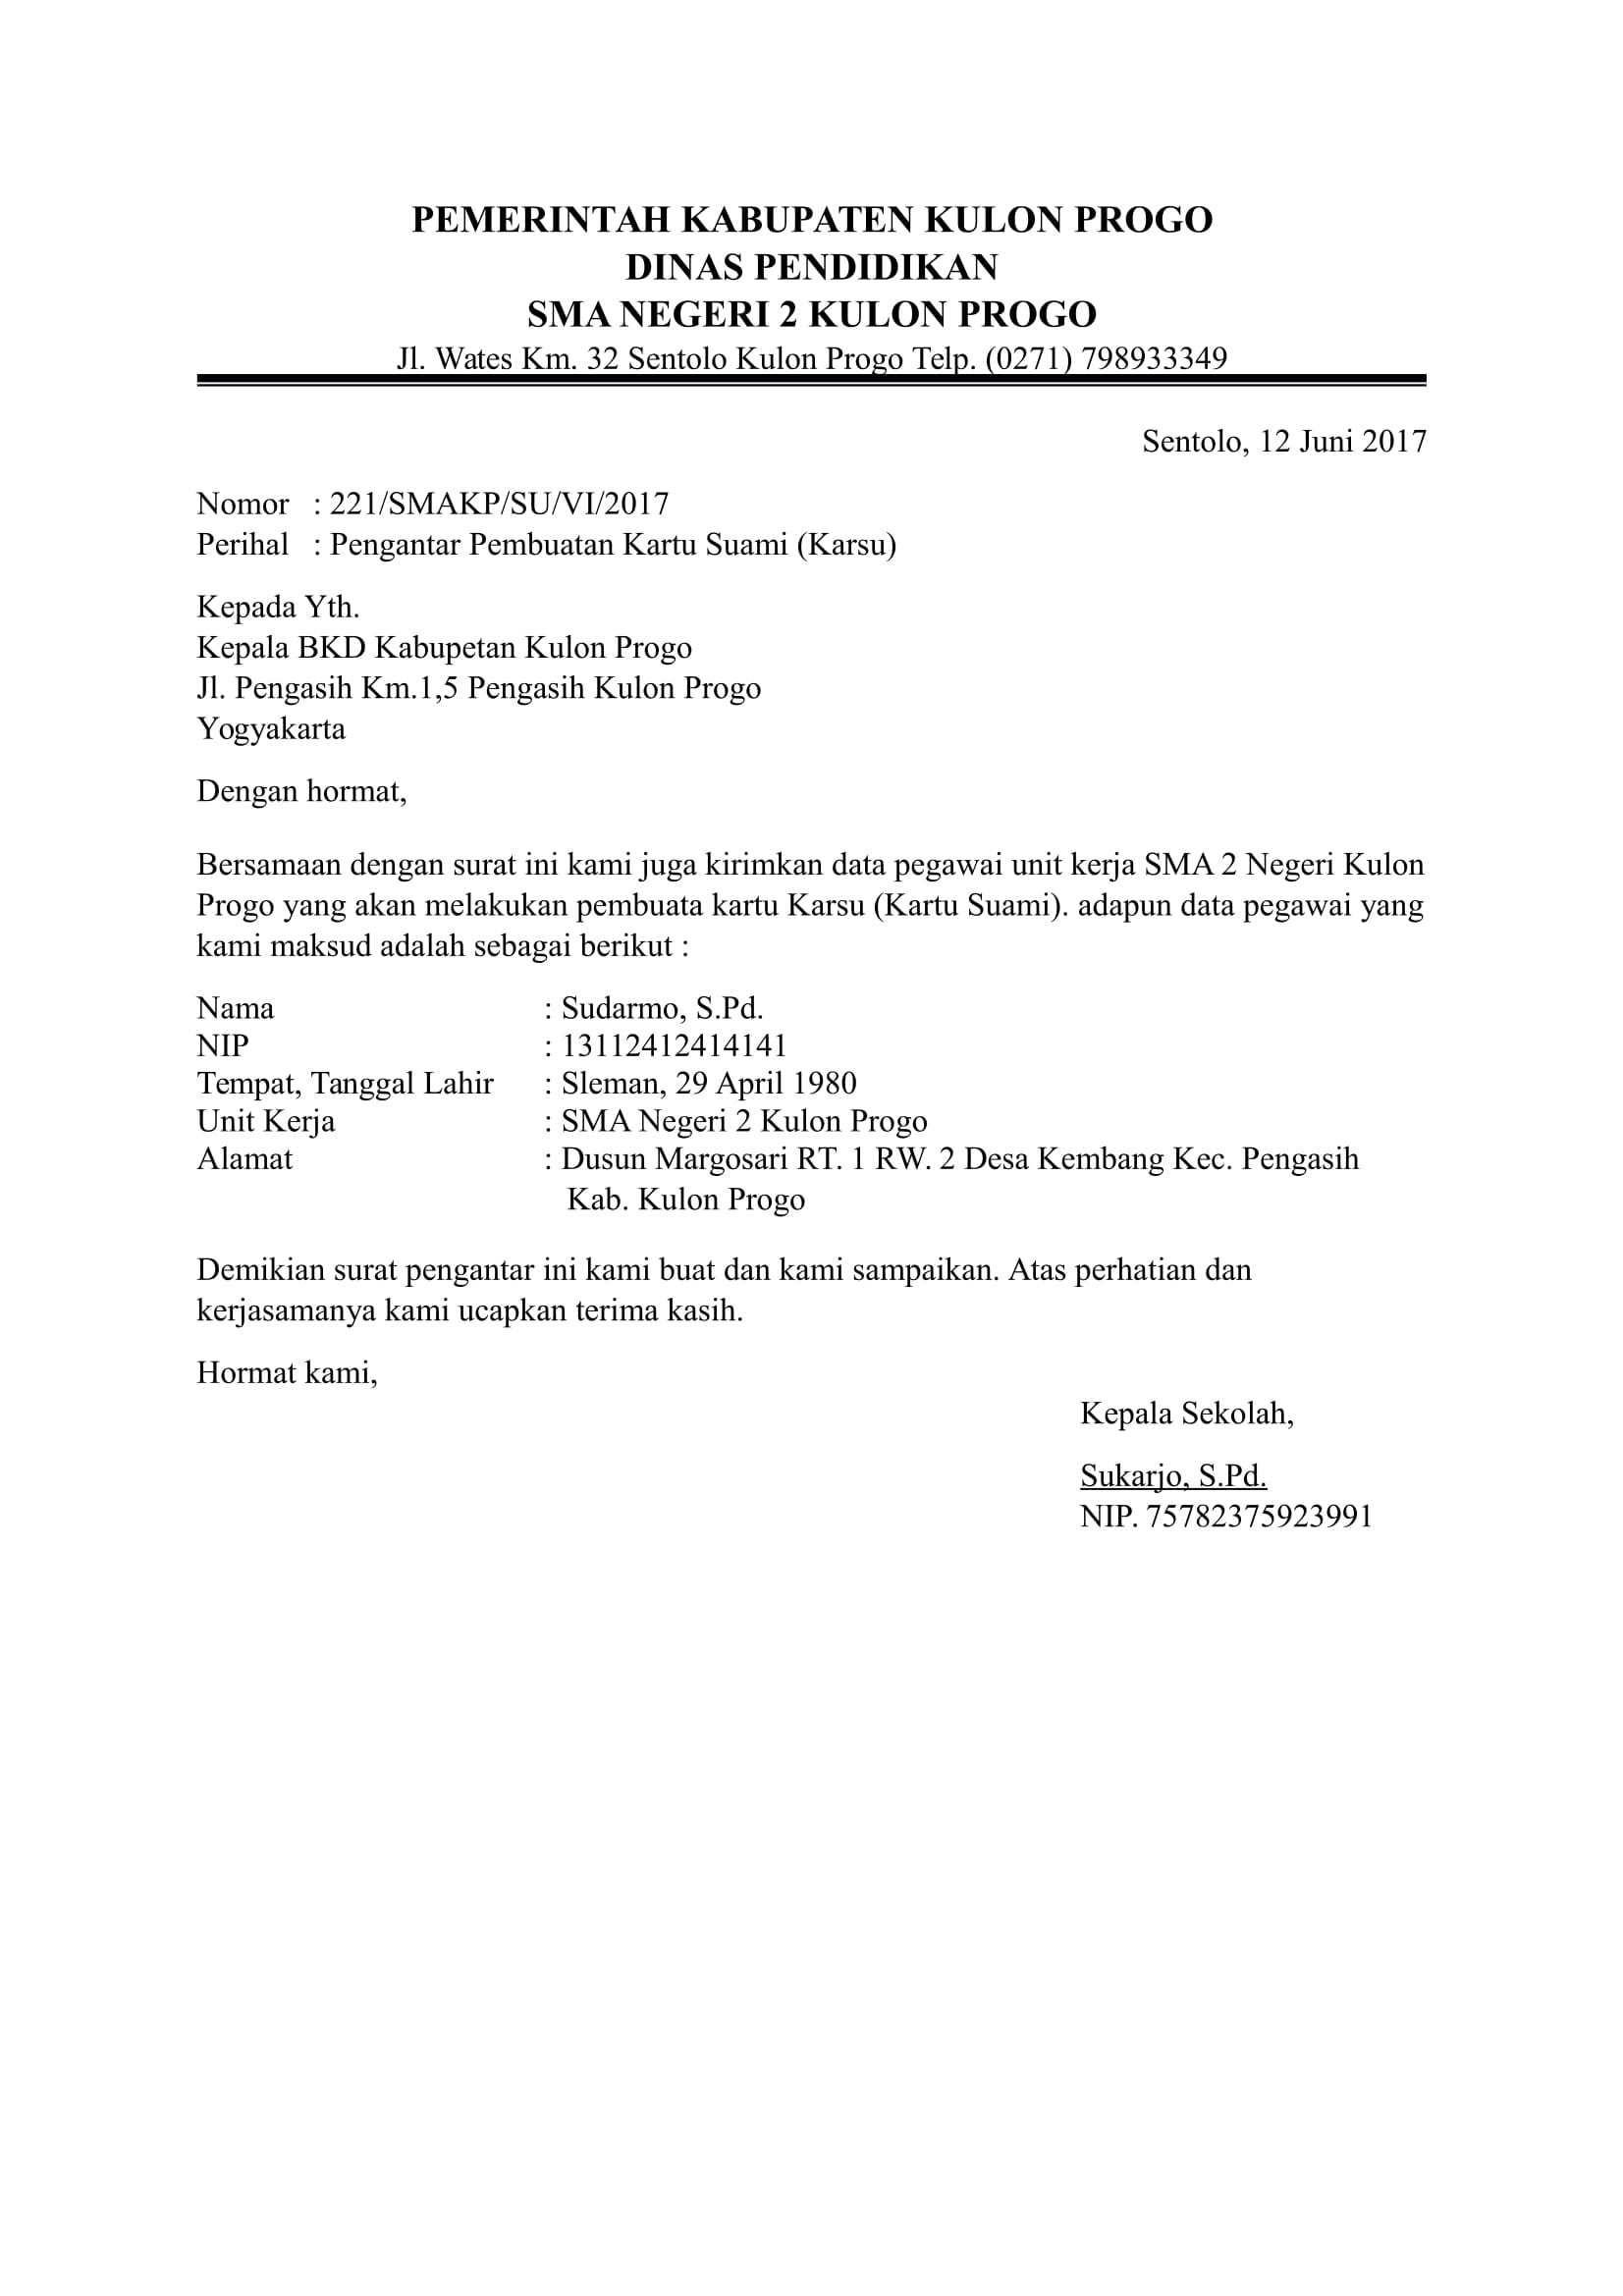 Contoh Surat Pengantar Dari Kepala Sekolah Uts Kelas 6